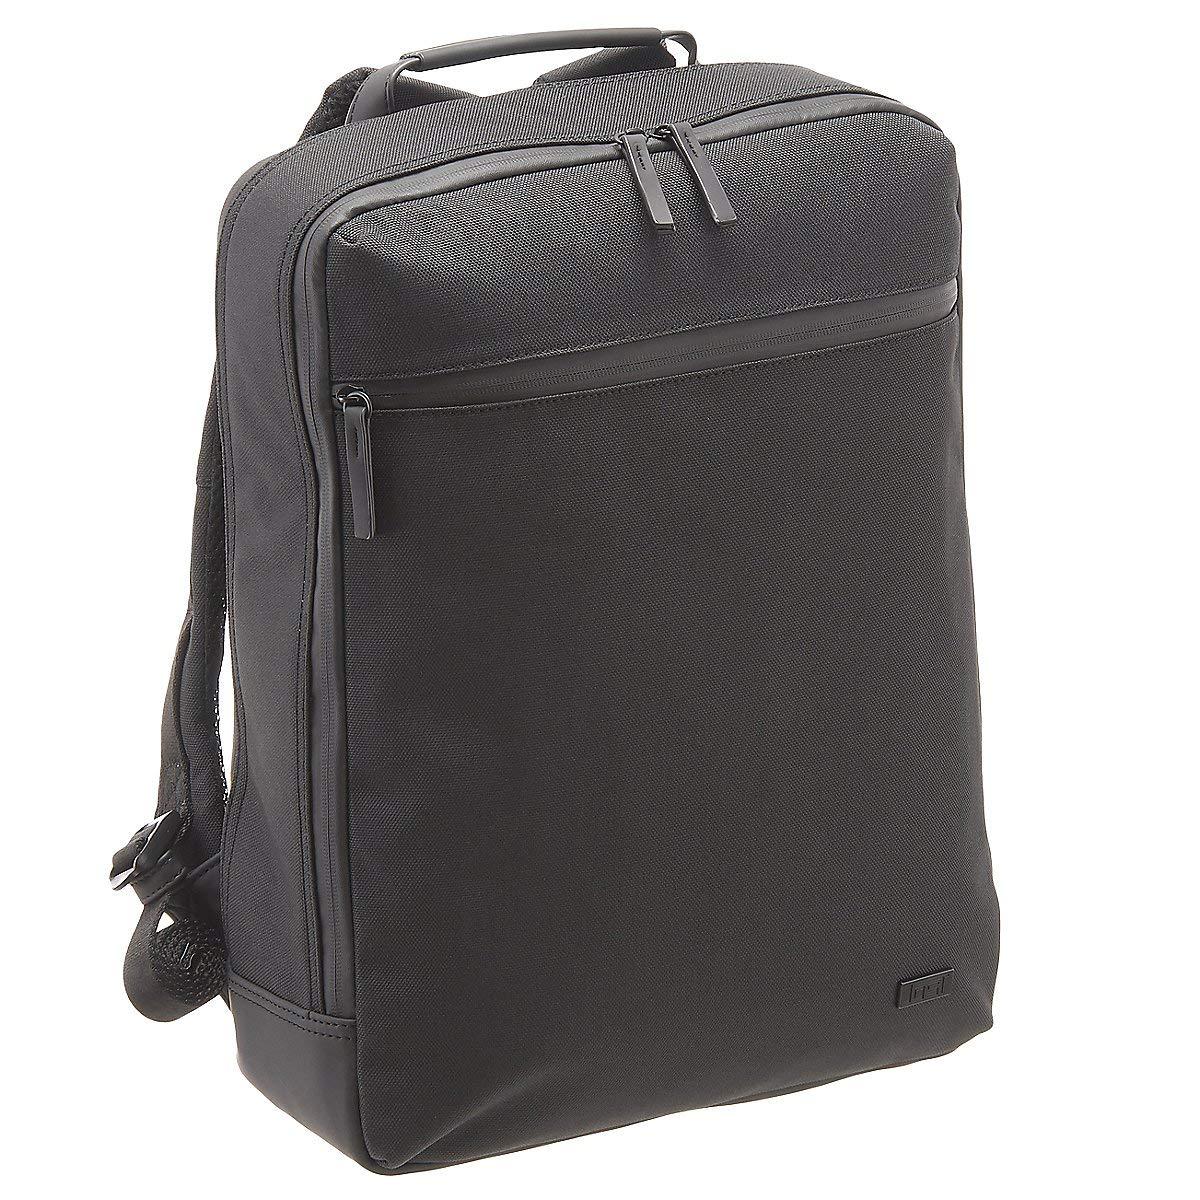 Jost Handtaschen Taschen 6588-001 Schwarz 3CGZF